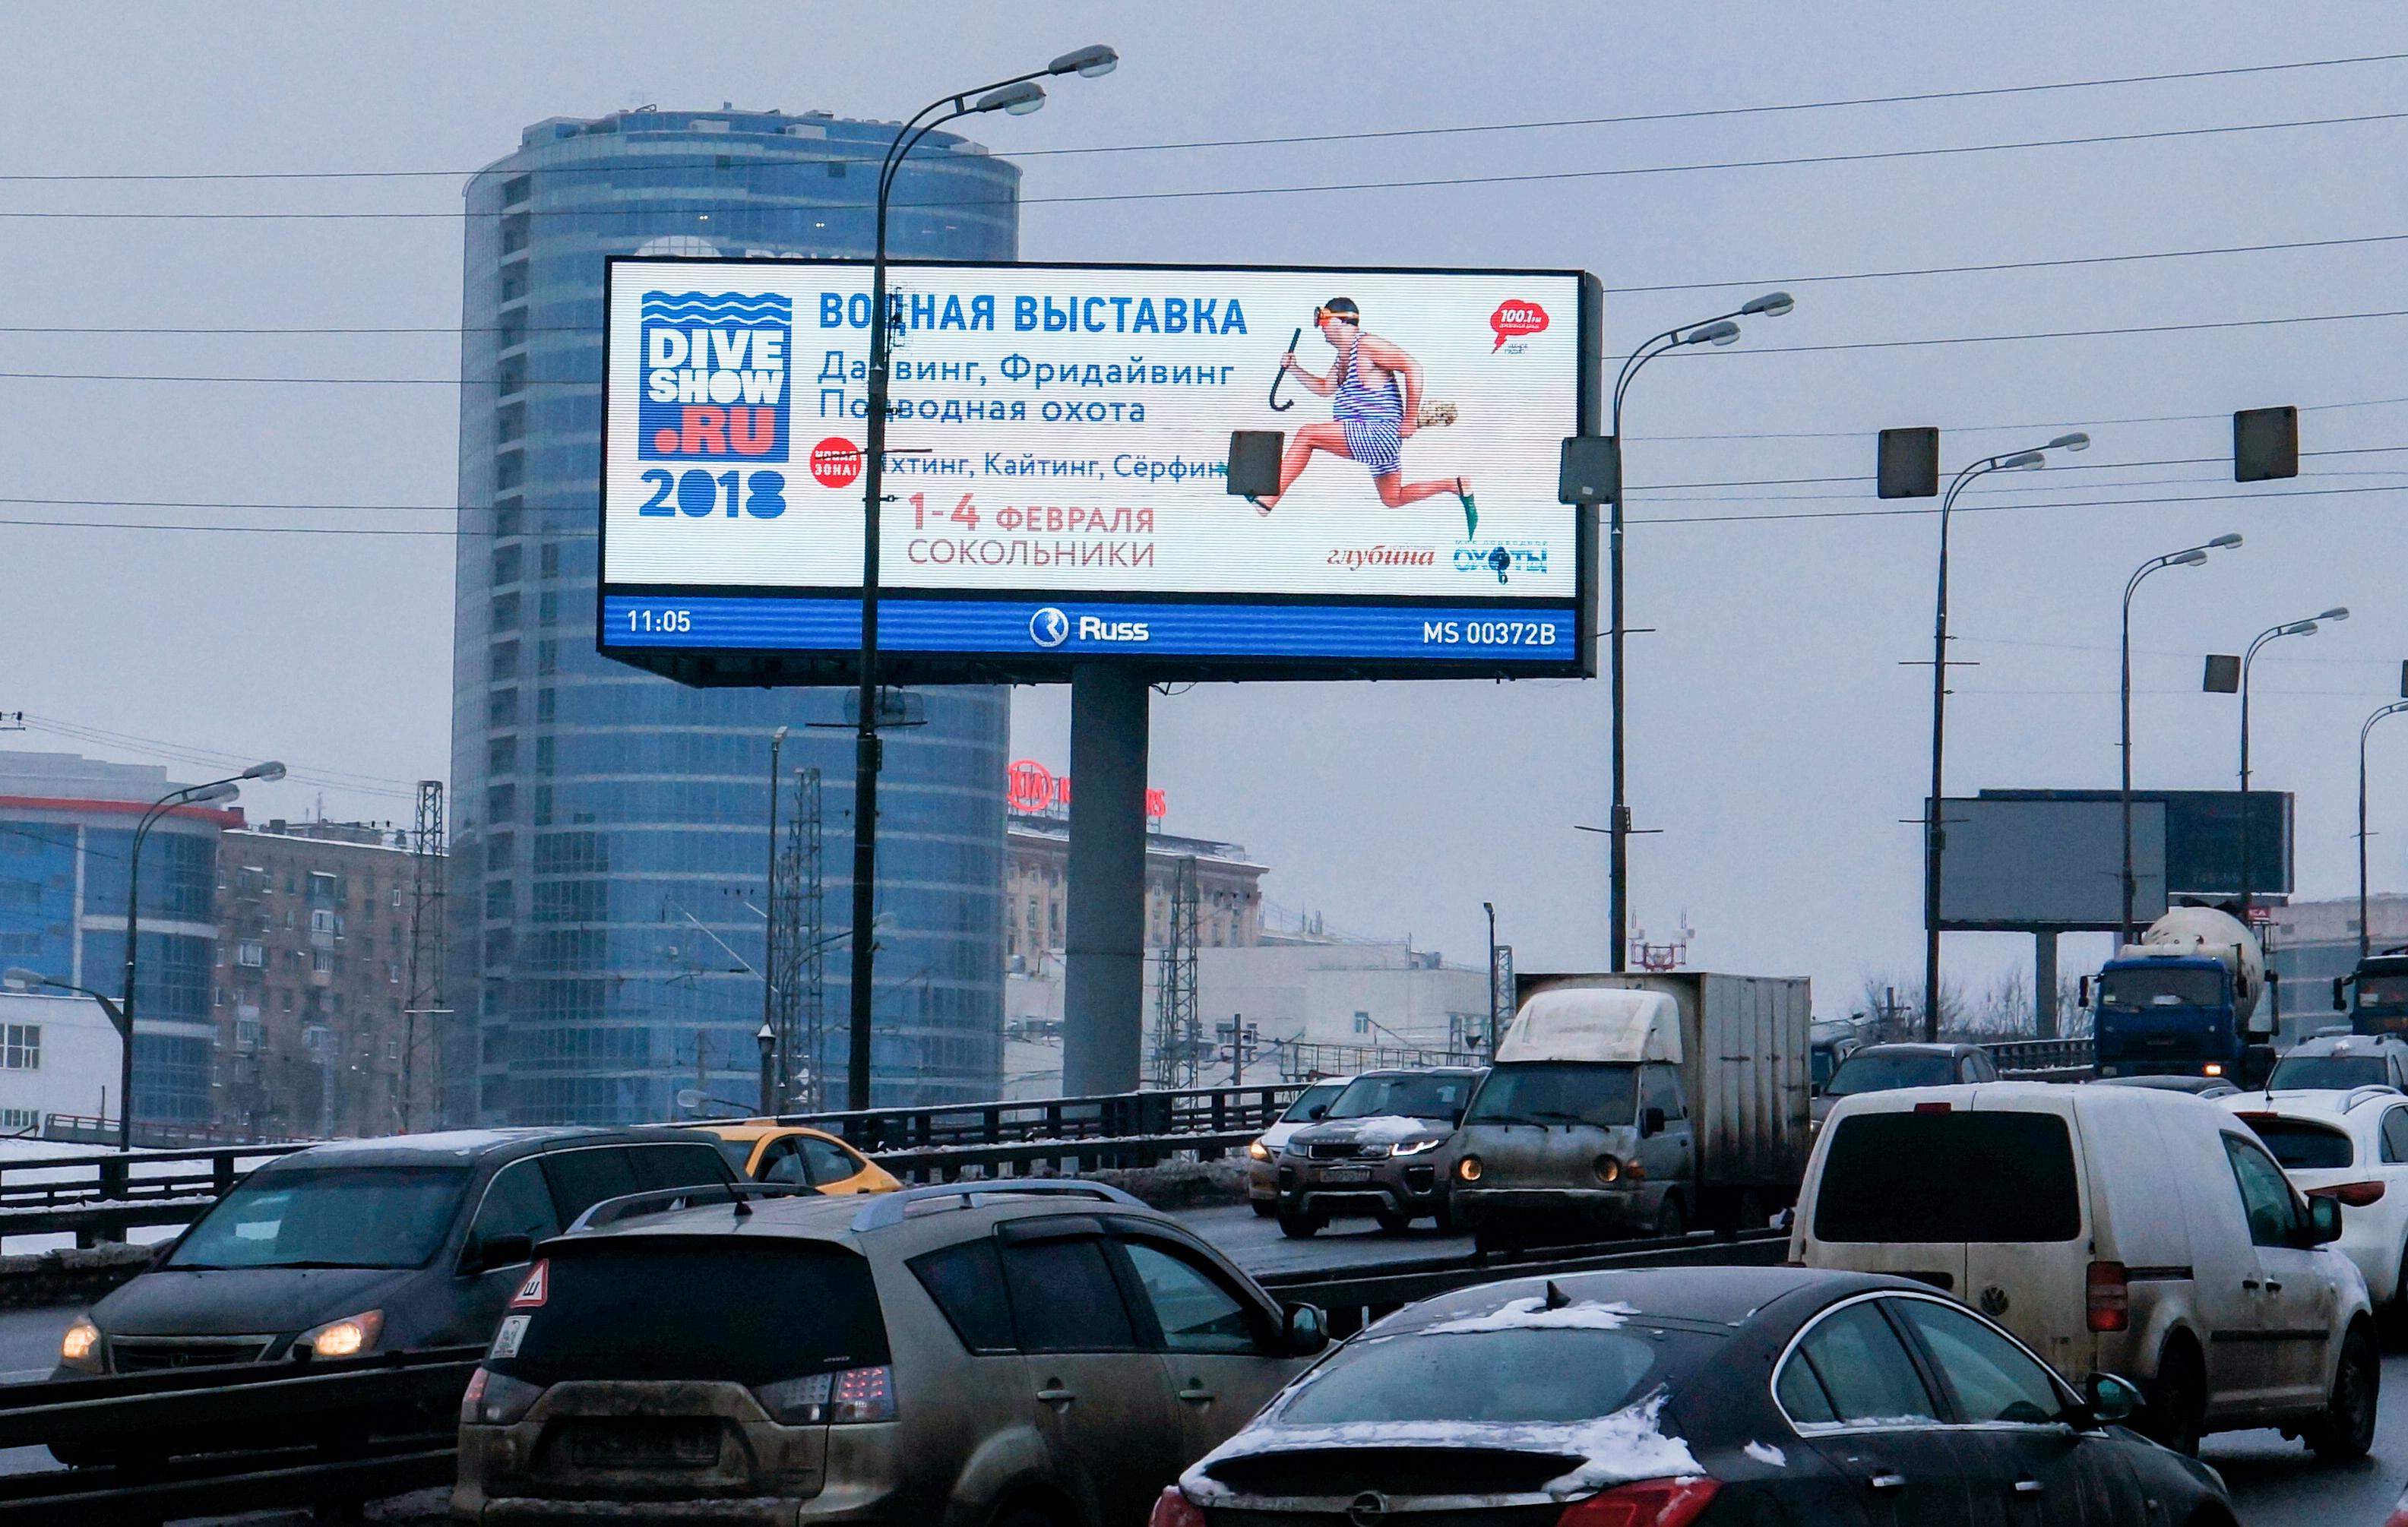 La publicité extérieure - Moscow Dive Show в Москве